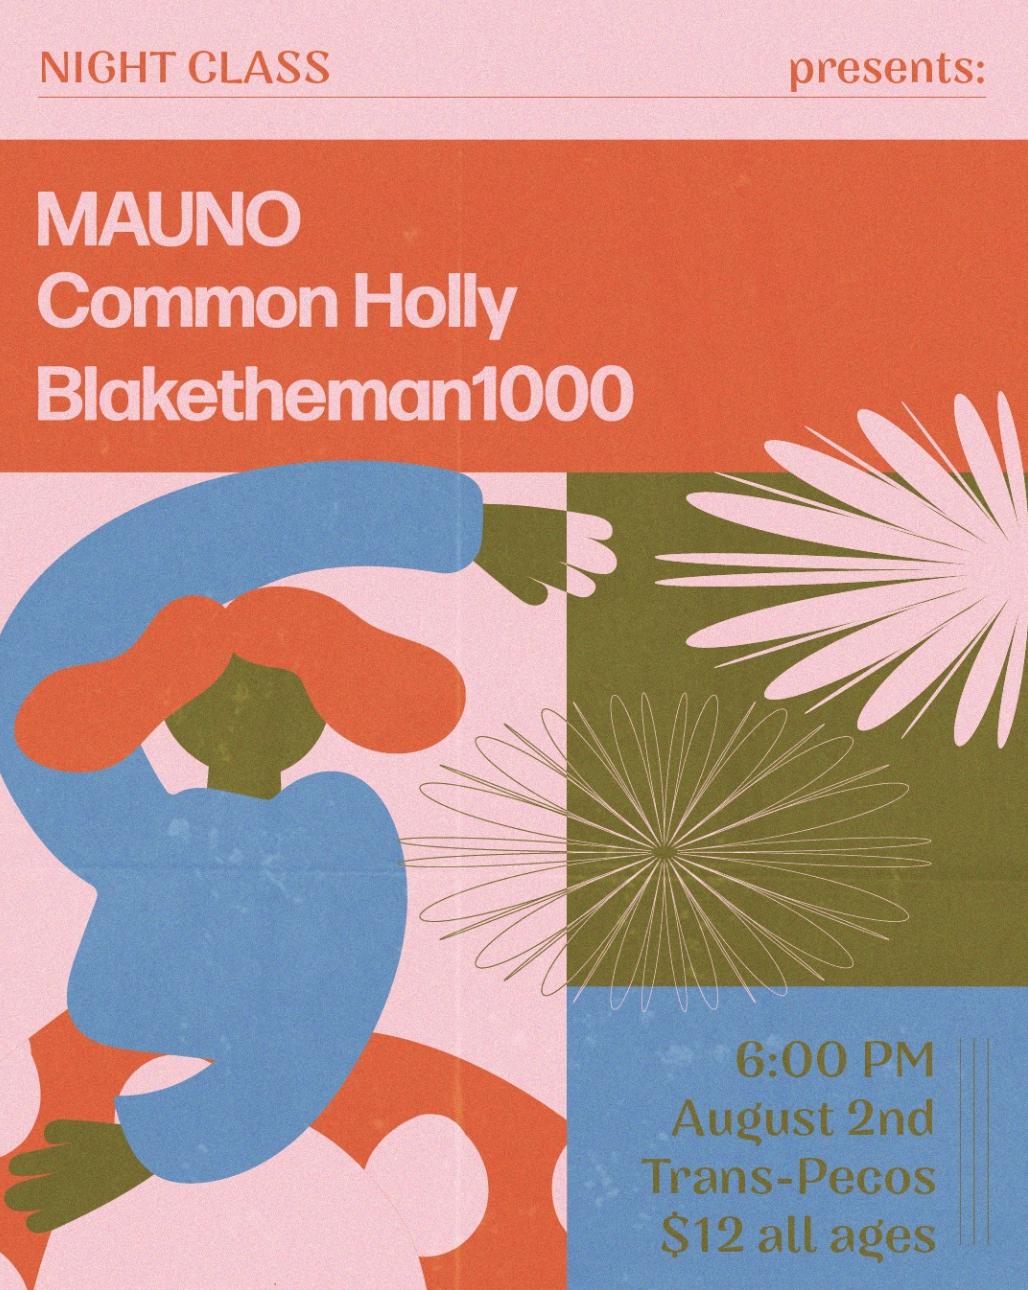 Mauno Photo 2 Credit _ Henry Acteson.jpg